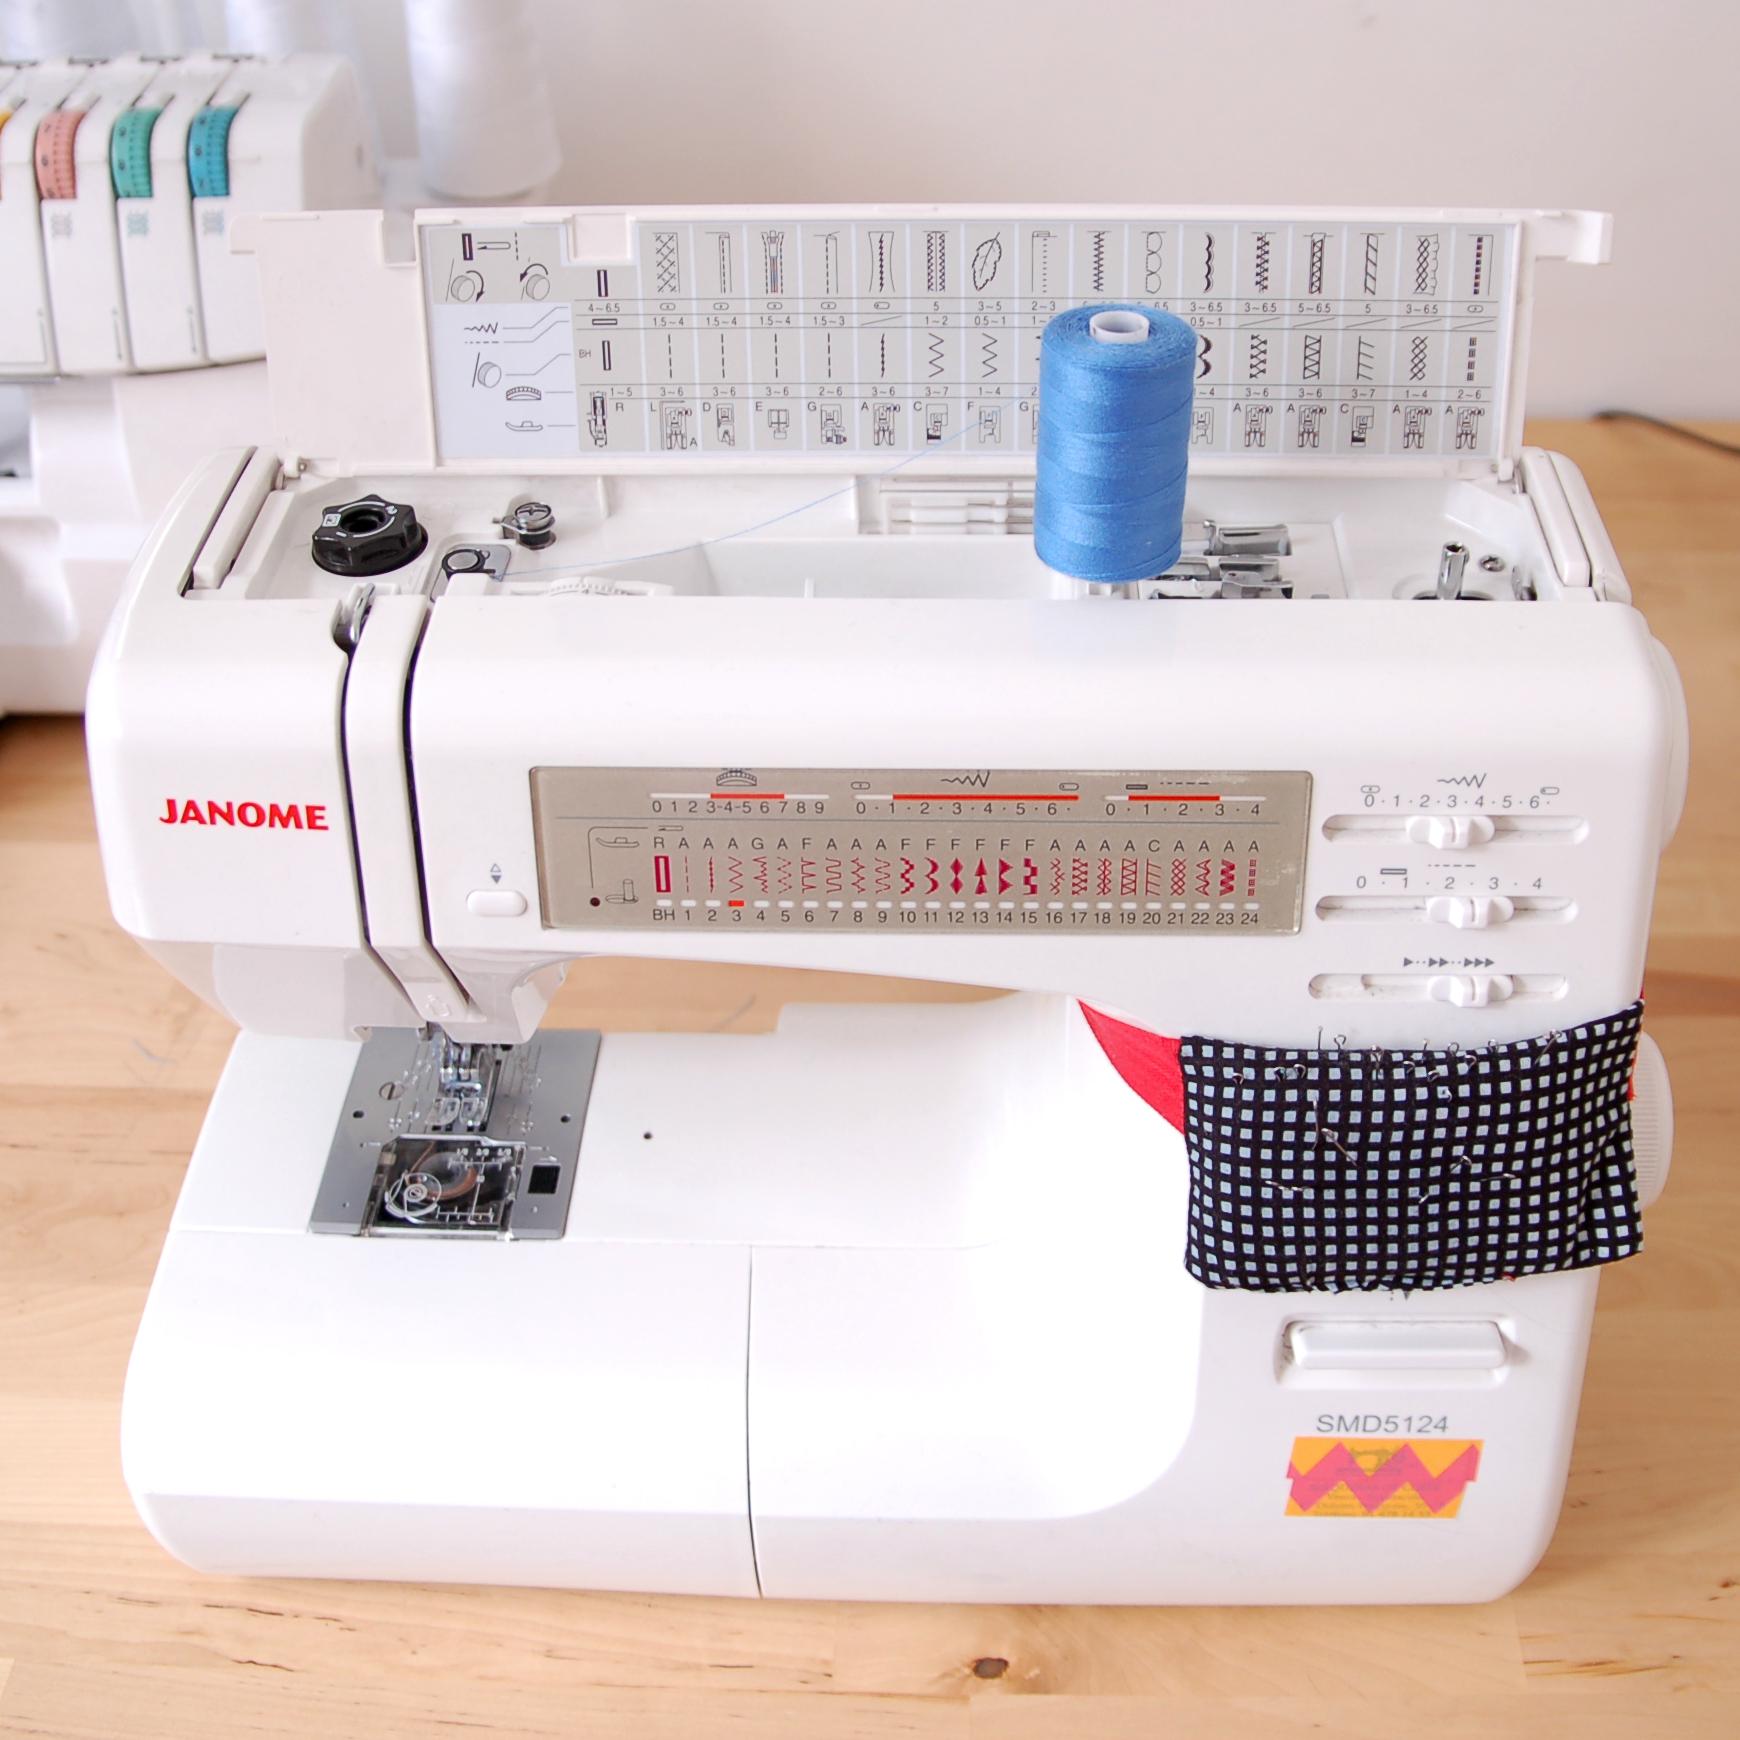 mis máquinas de coser www.studiocostura.com